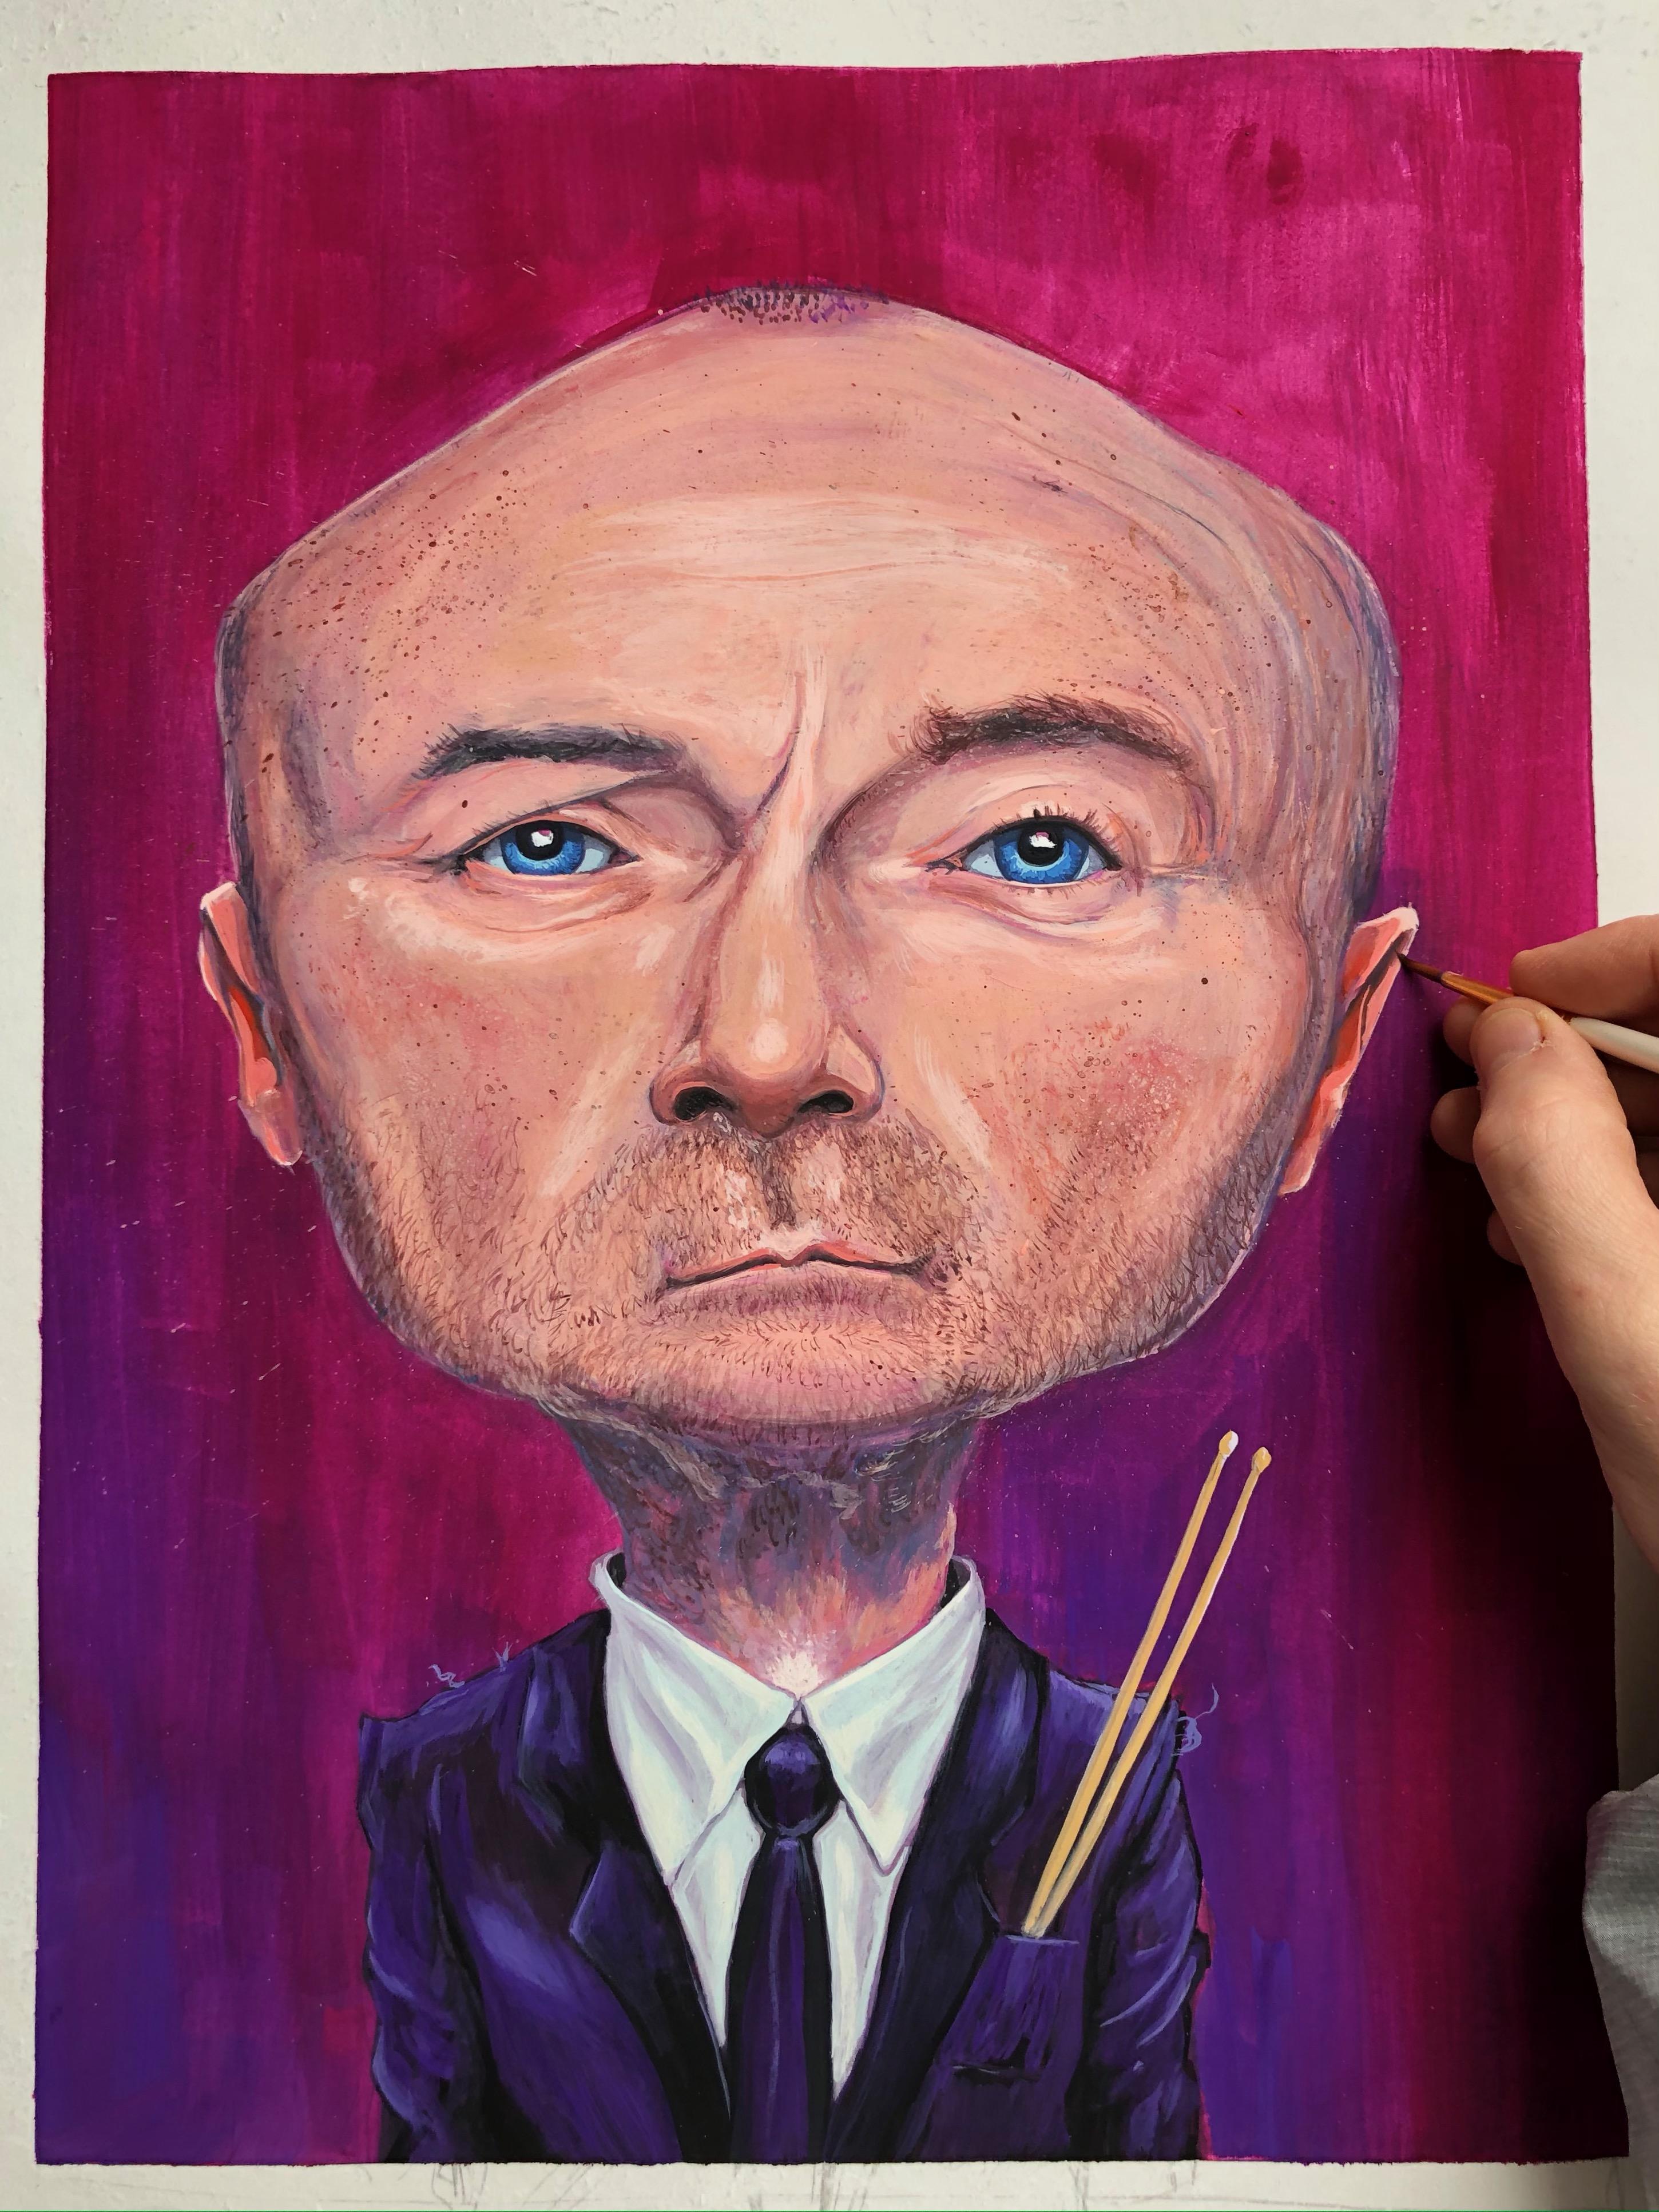 Phil Collins Caricature 2021